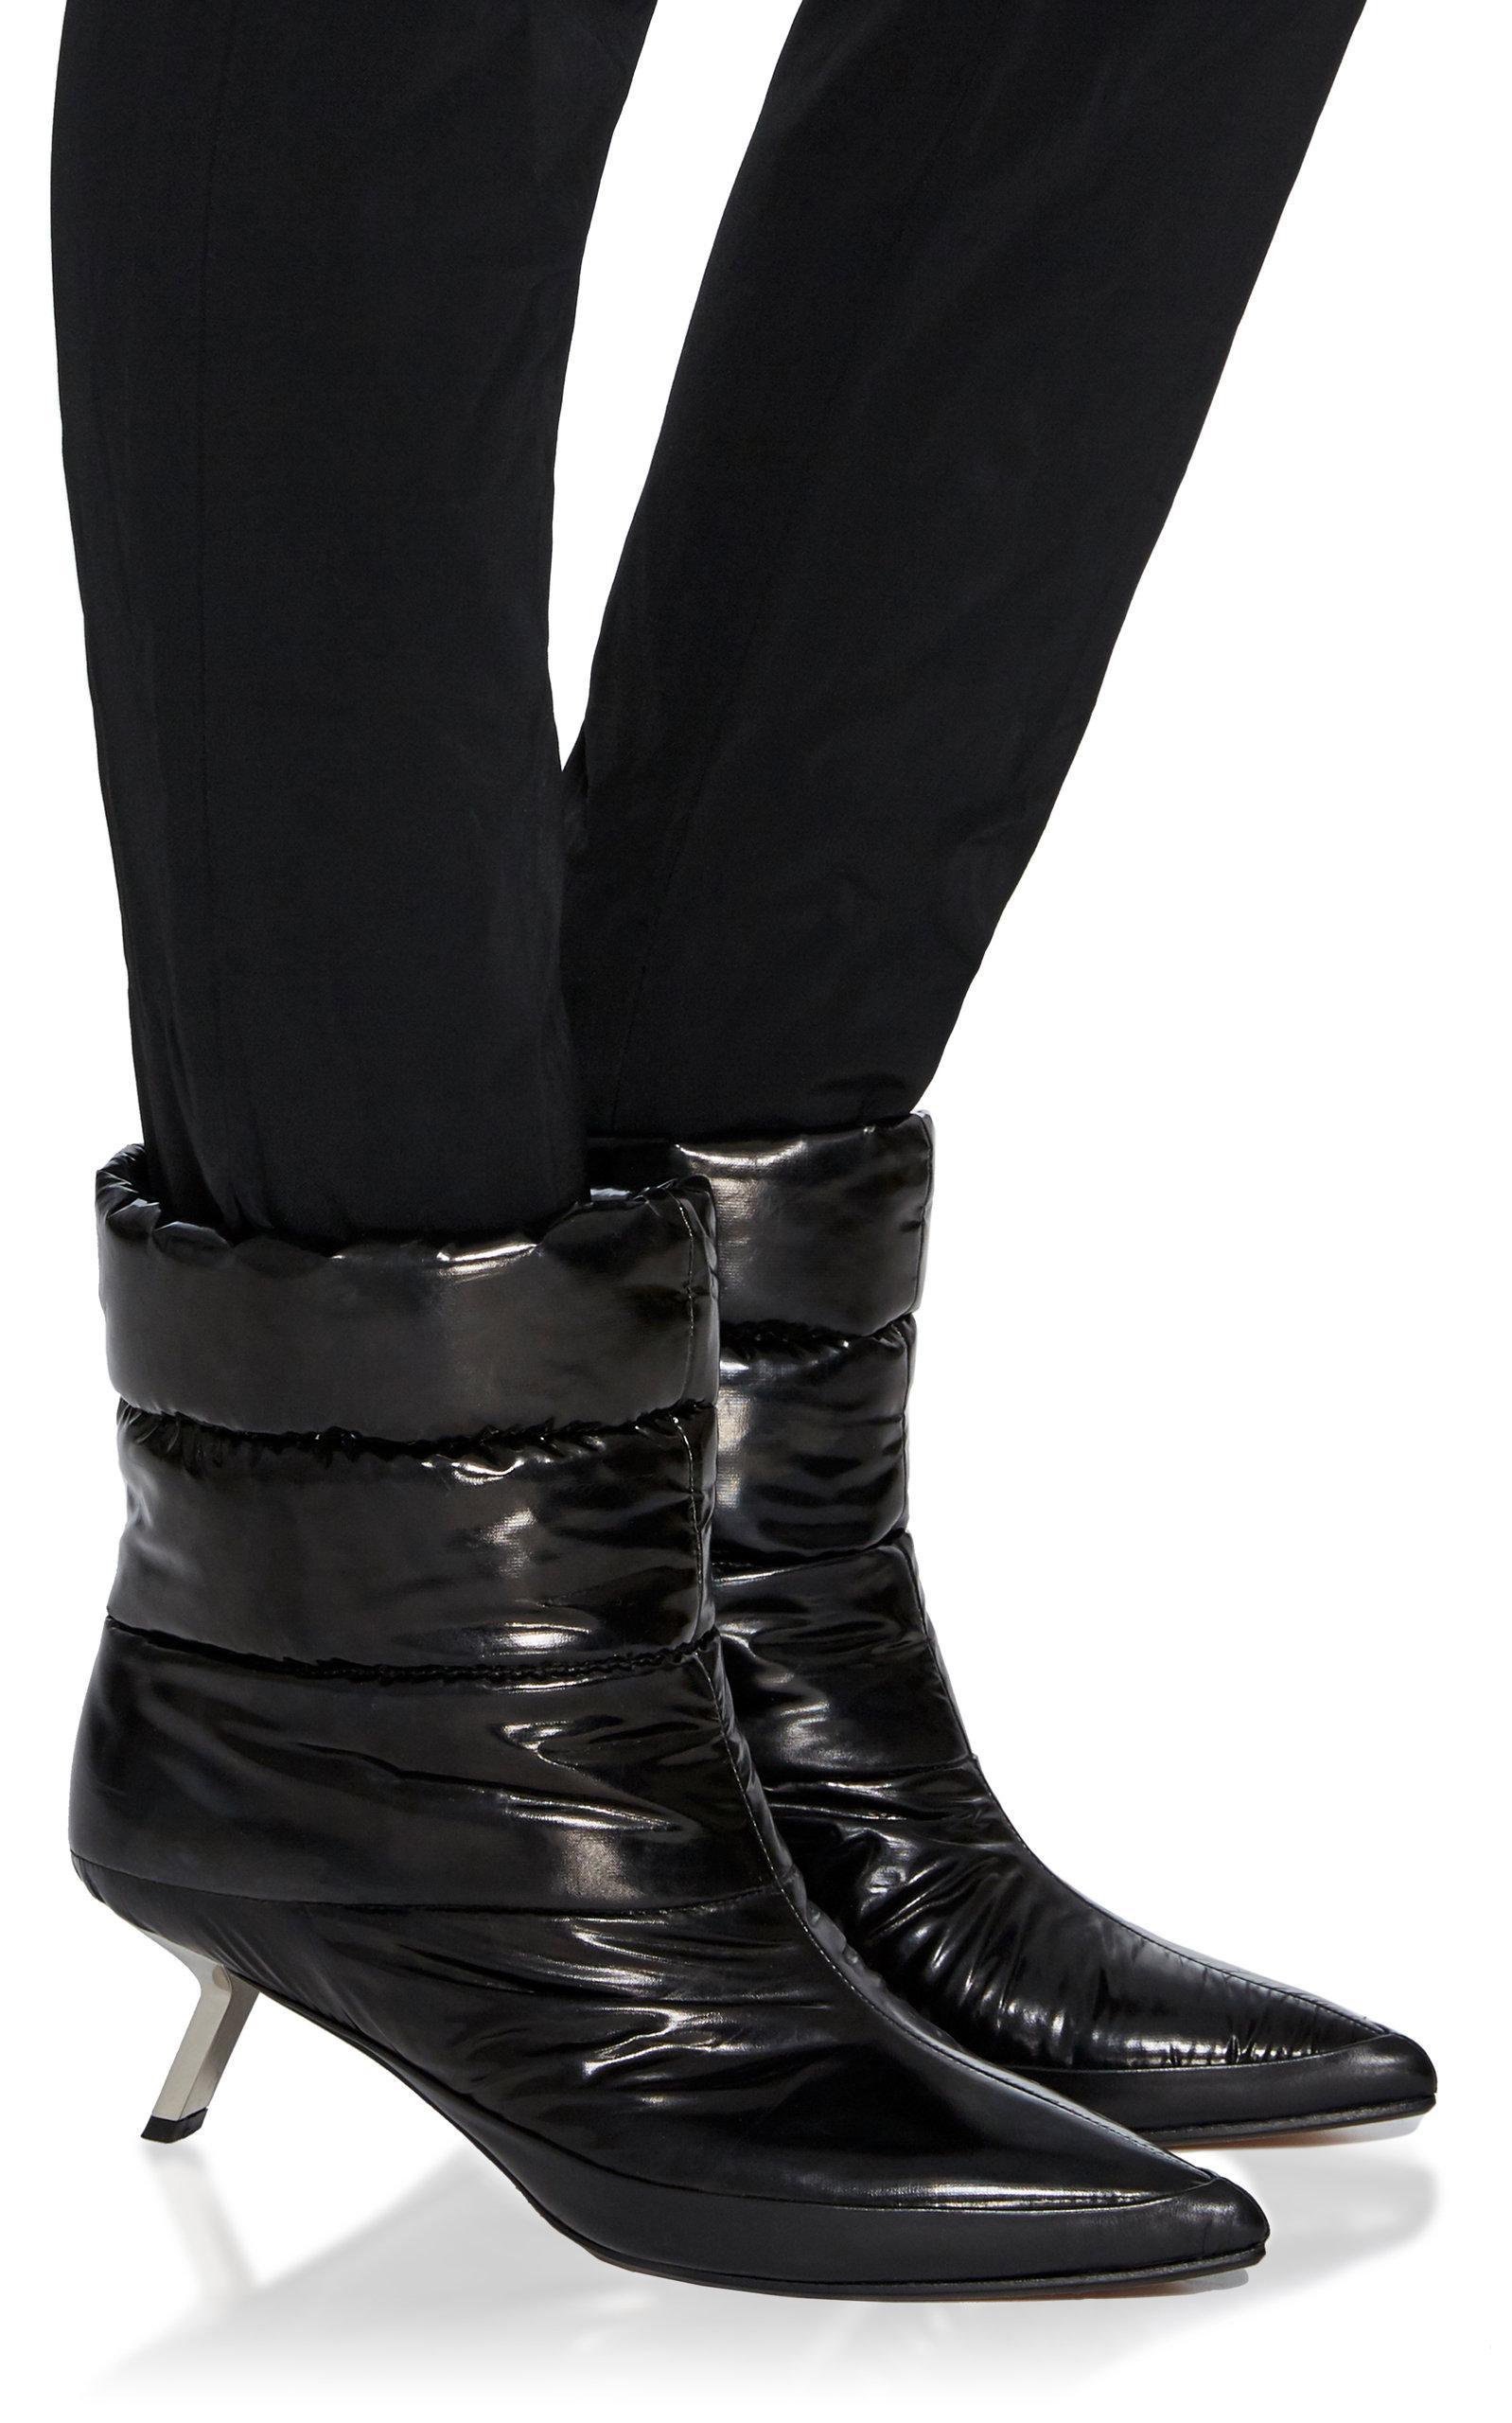 Alchimia Di Ballin Satin Daphne Puffer Bootie in Black